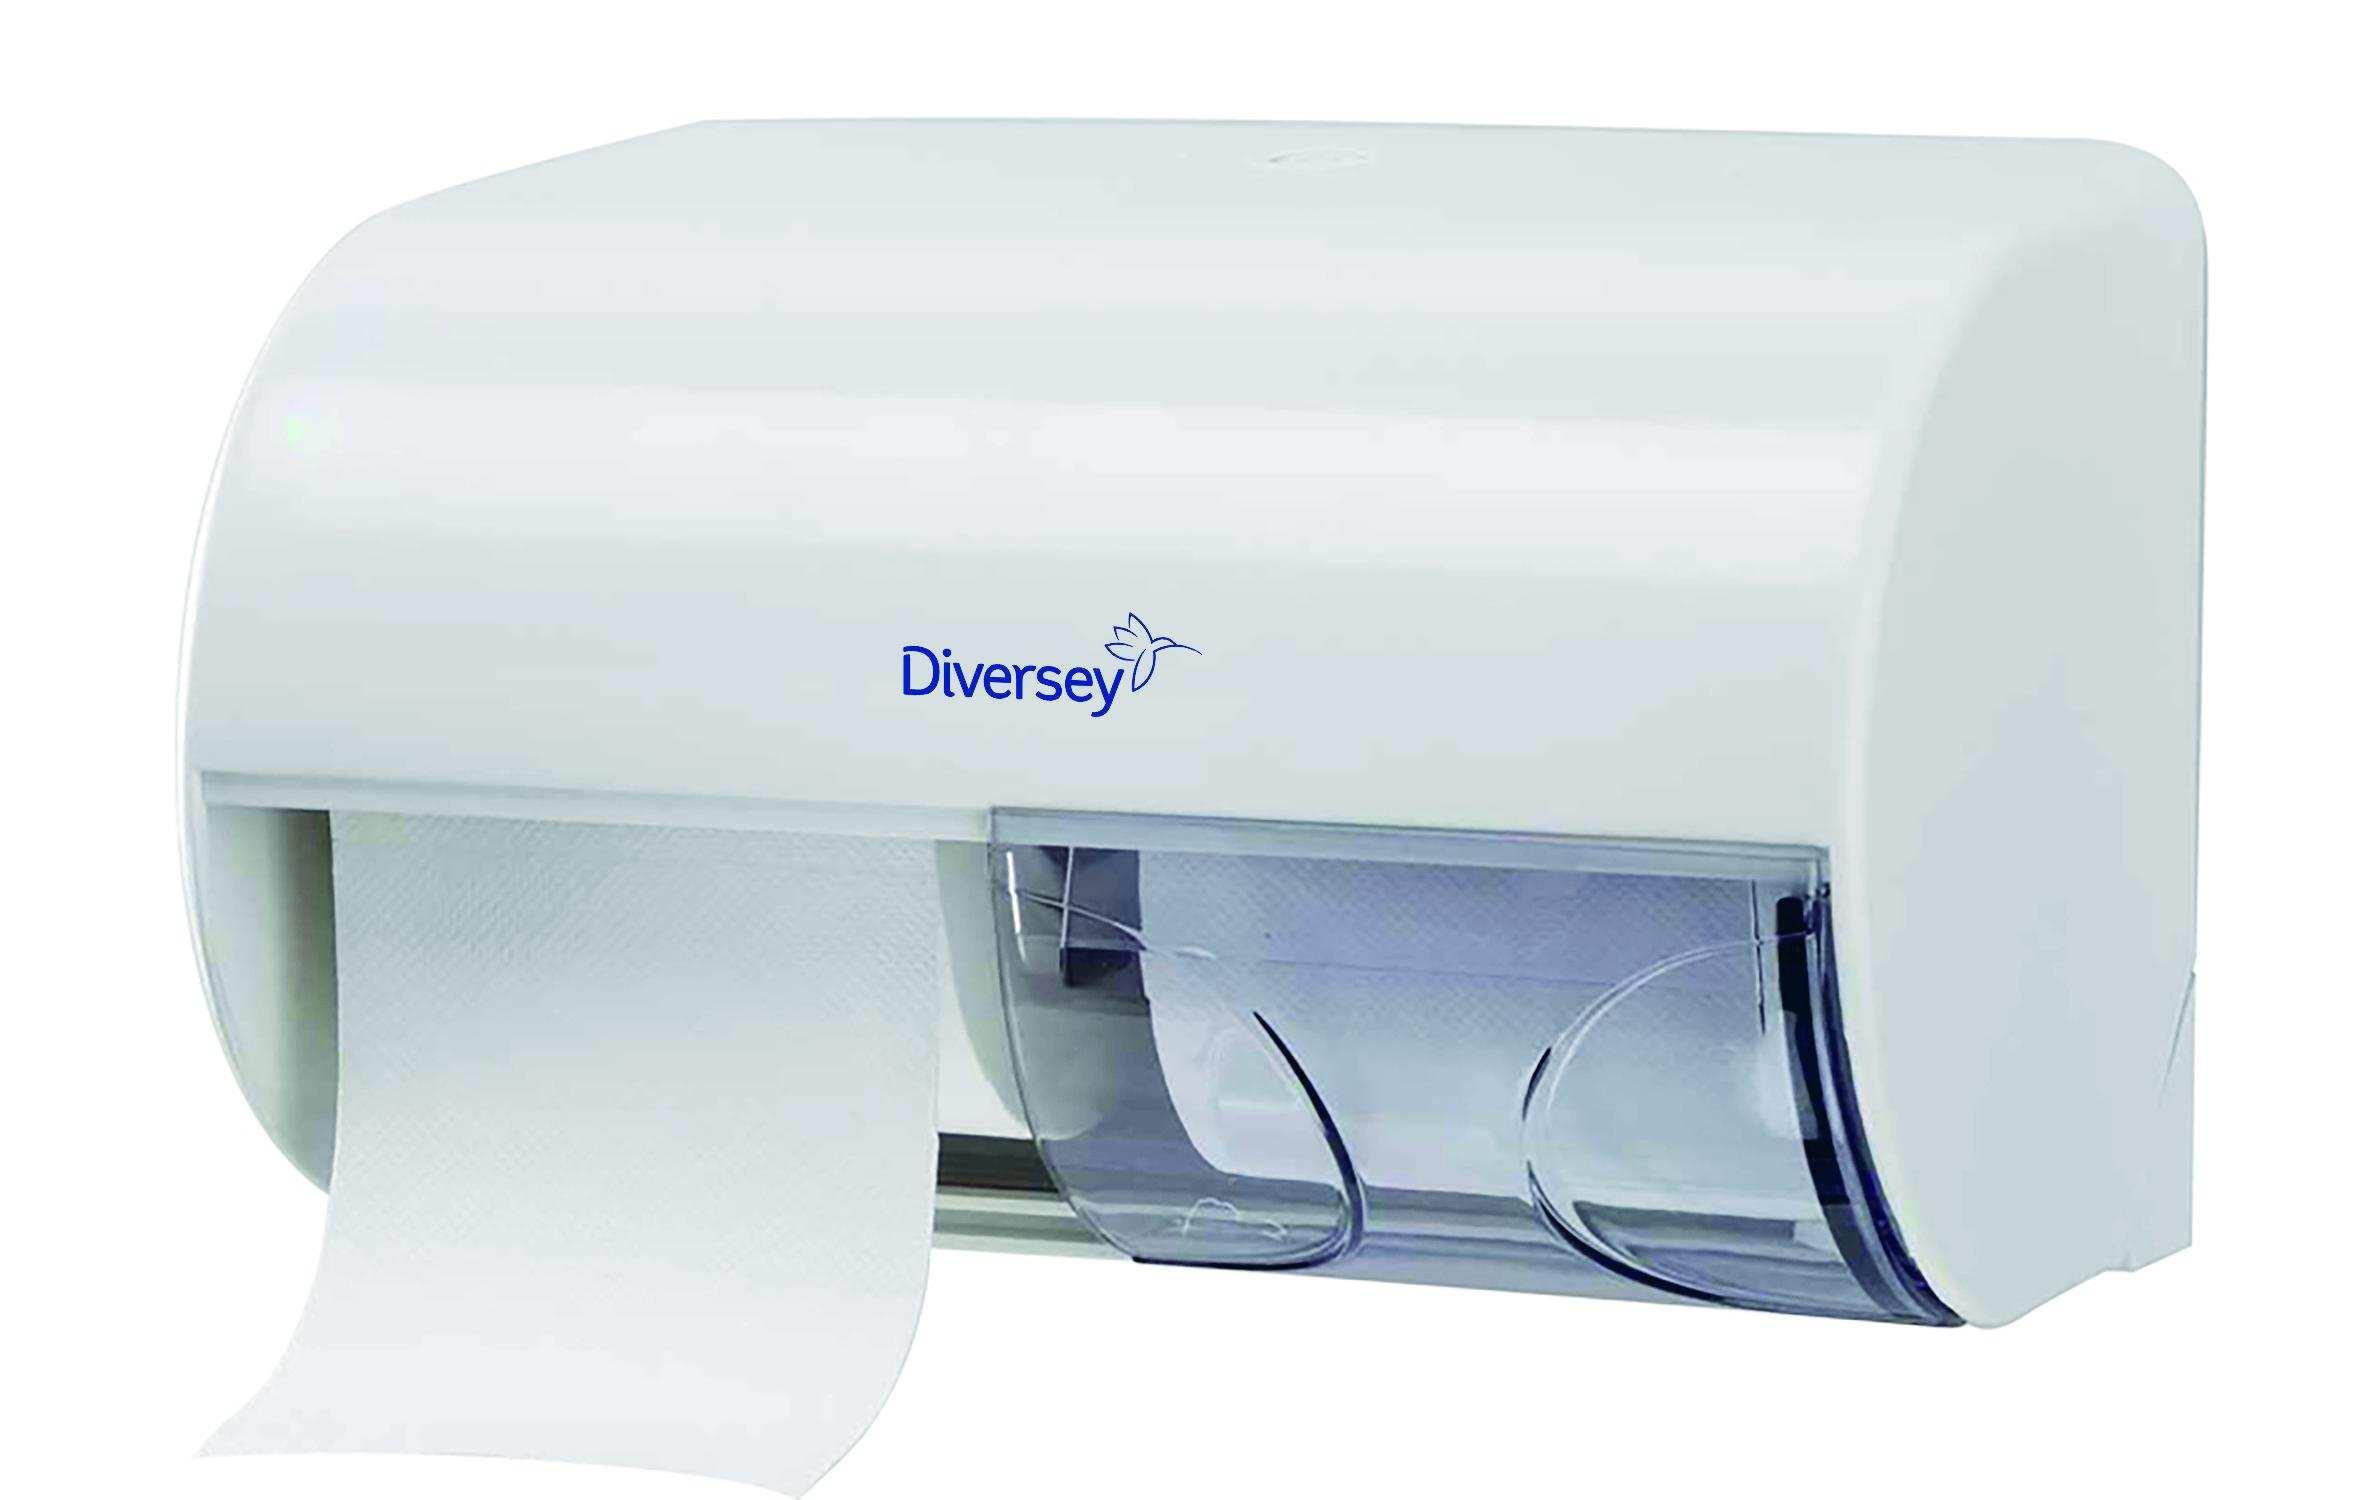 D1228919-HorizontalerDoppeltoilettenpapierrollenhalter-1Stk.-Full-CMYK.jpg